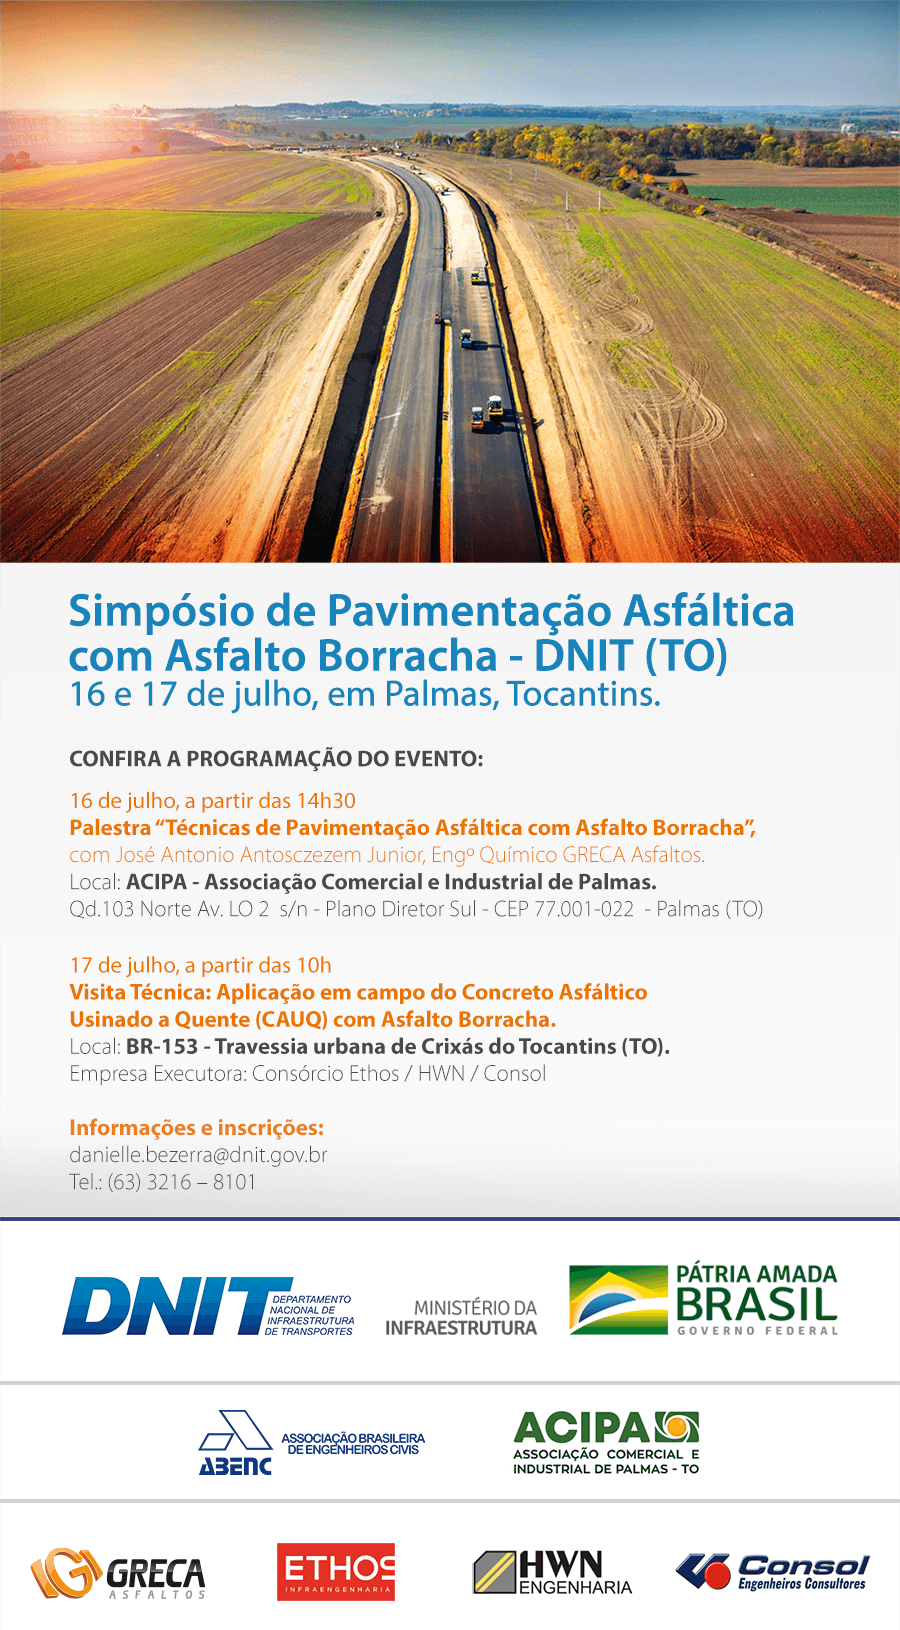 Simpósio de Pavimentação Asfáltica com Asfalto Borracha - DNIT (TO) 16 e 17 de julho, em Palmas, Tocantins.